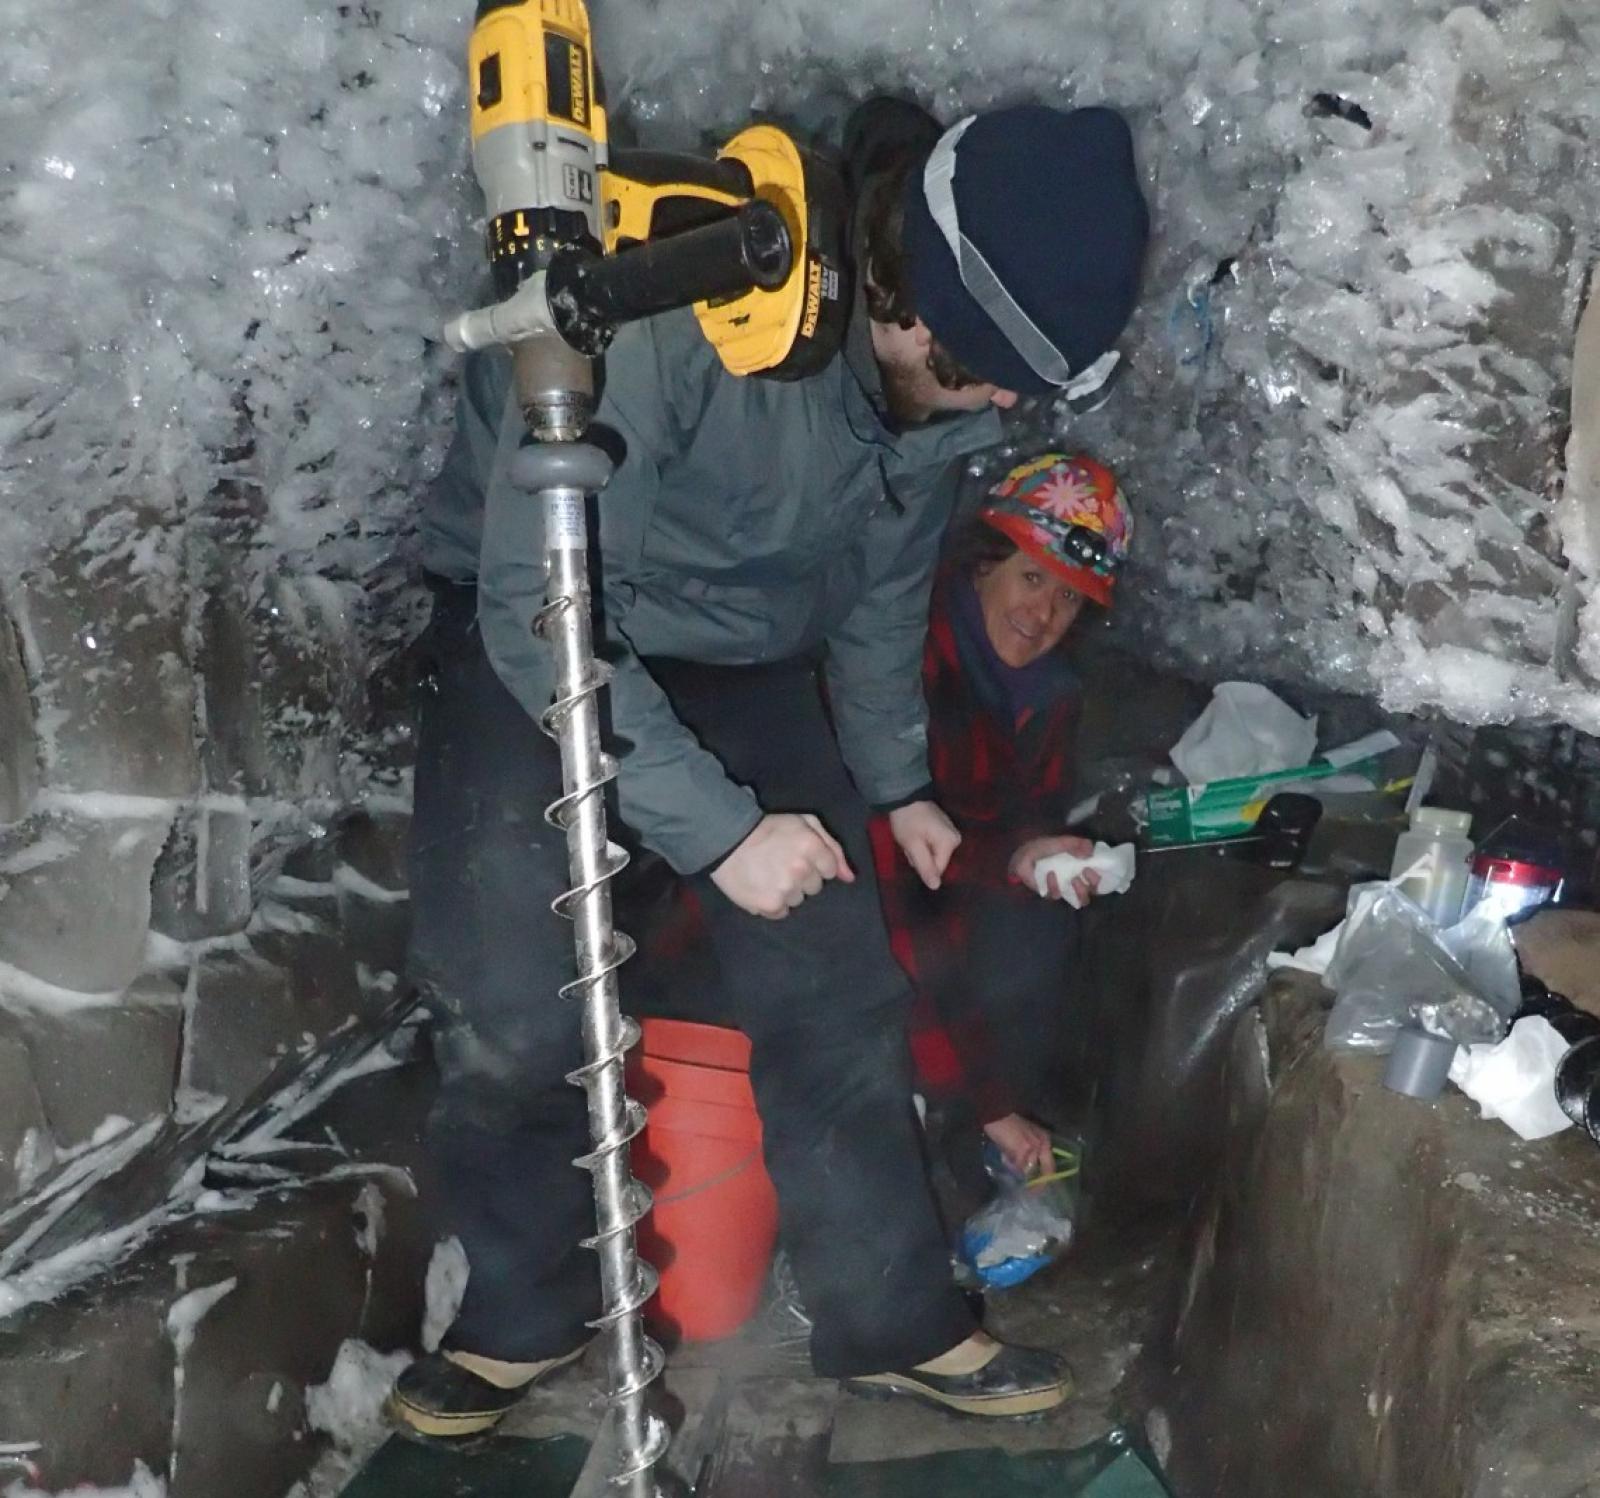 Investigadors a l'interior del túnel, excavant a la recerca de les salmorres que hi ha encara a més profunditat